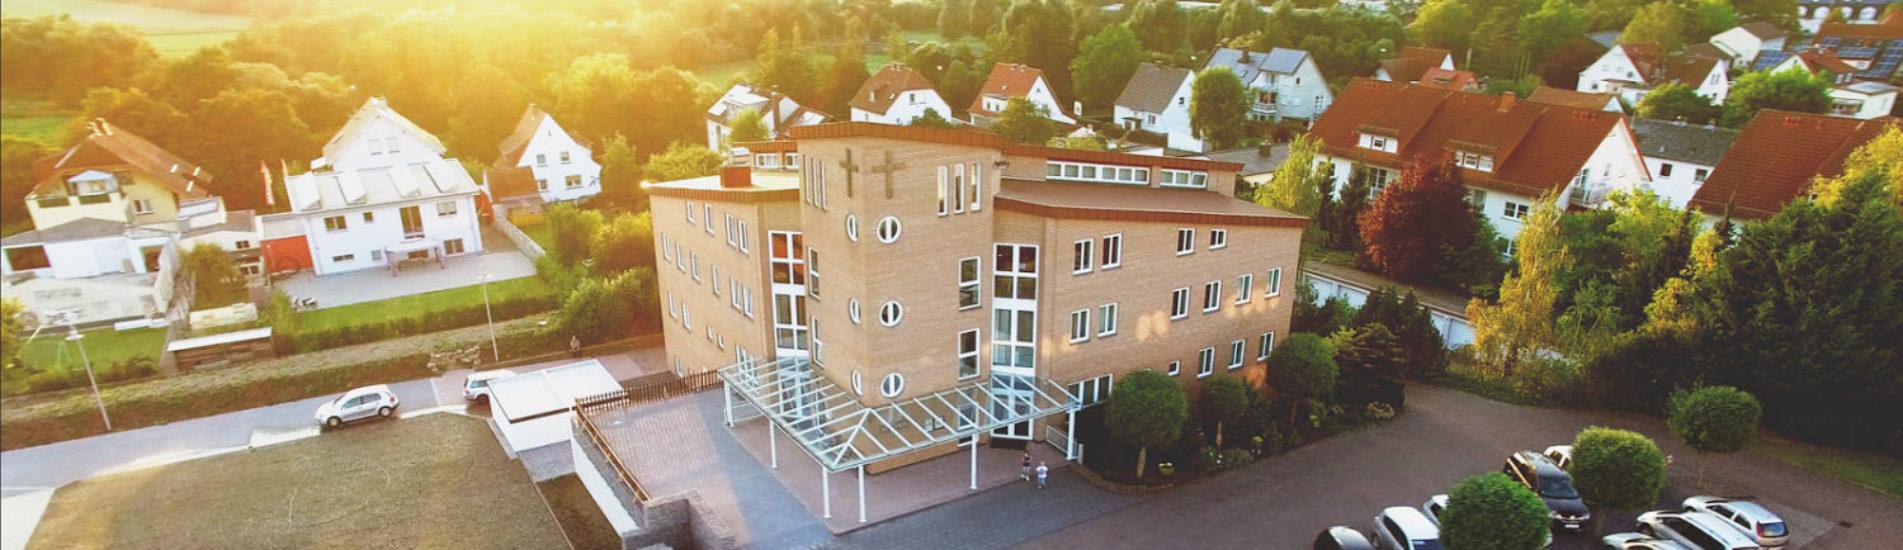 Das Bethaus der Christliche Brüdergemeinde Fulda Kohlhaus